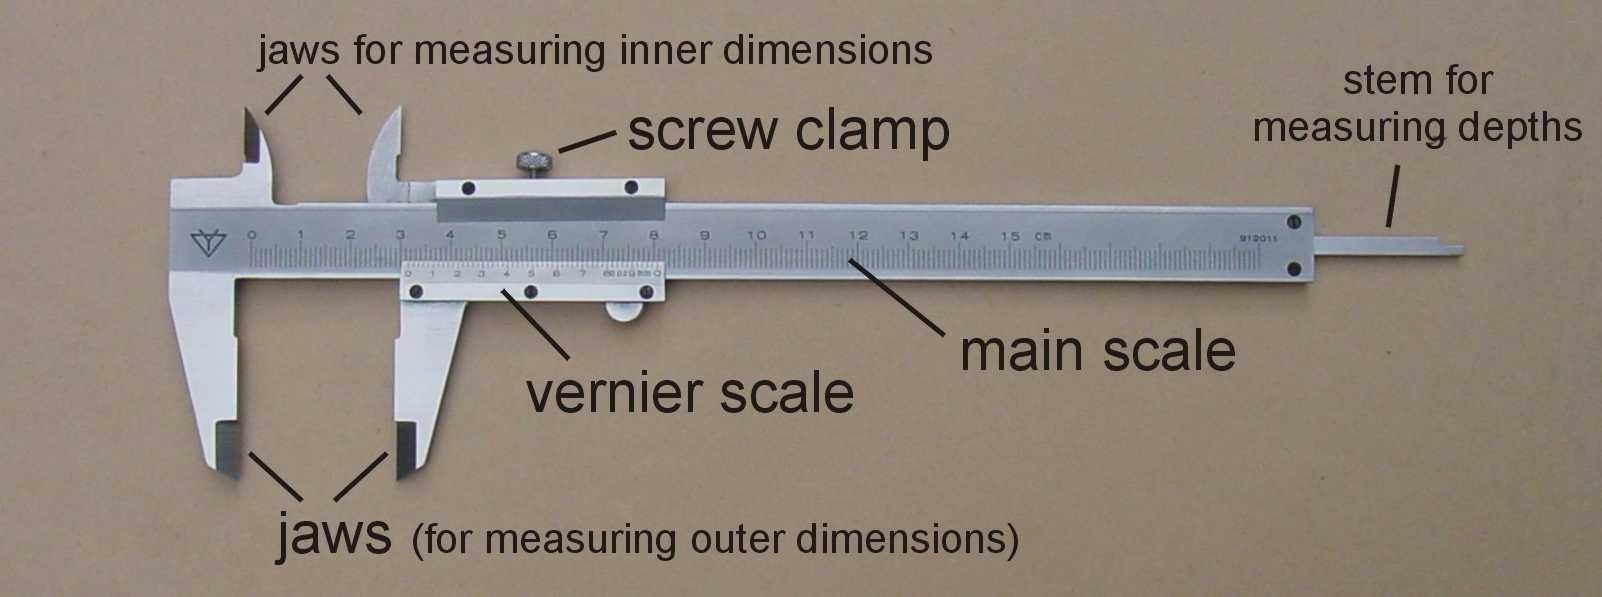 قياس الأبعاد باستعمال القدمة ذات الورنية شرح من رفعي Vfig03a